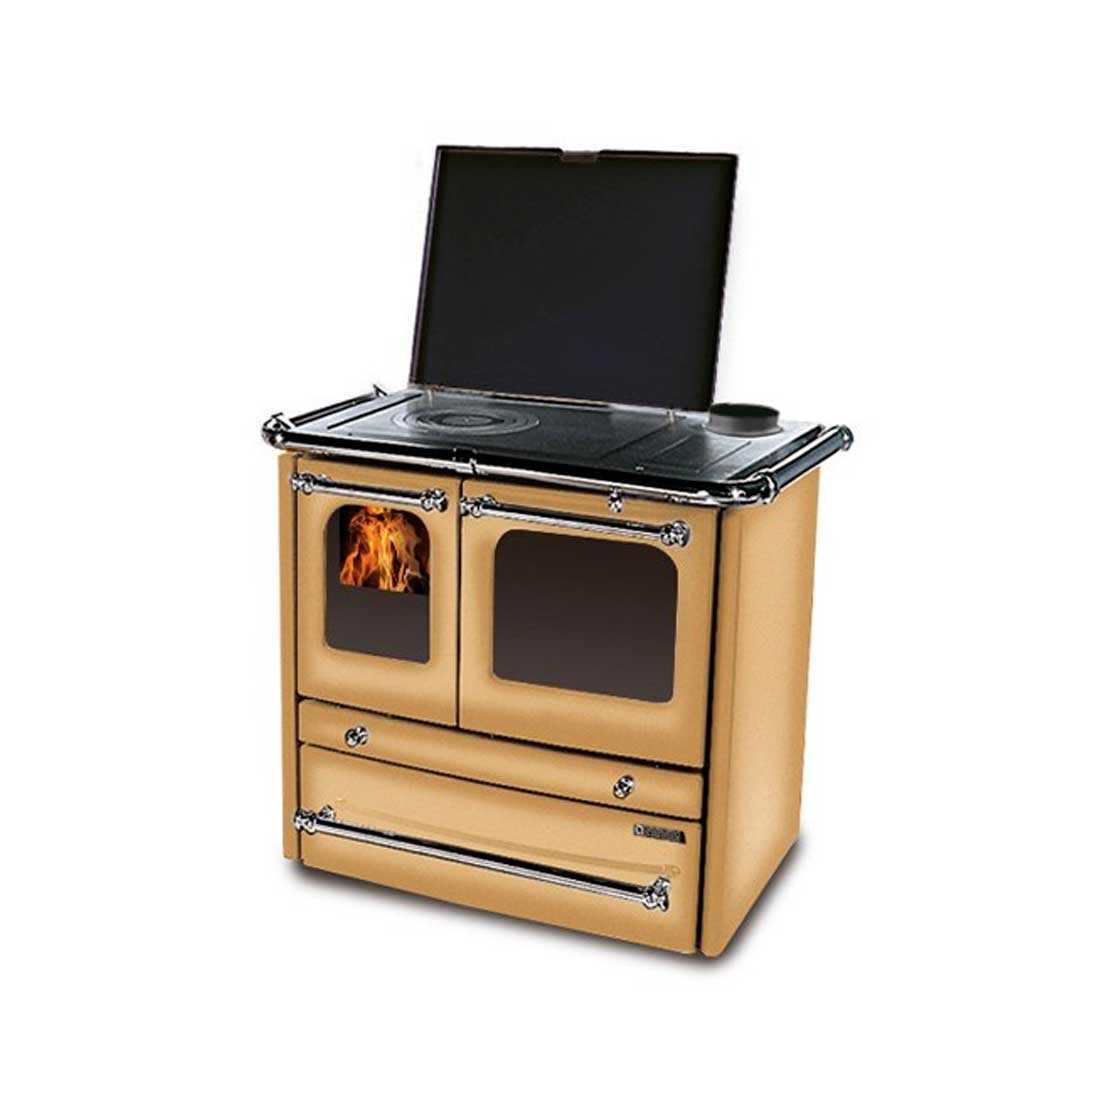 Cucina a legna cappuccino modello Sovrana Evo di Nordica potenza termica 9,0 Kw